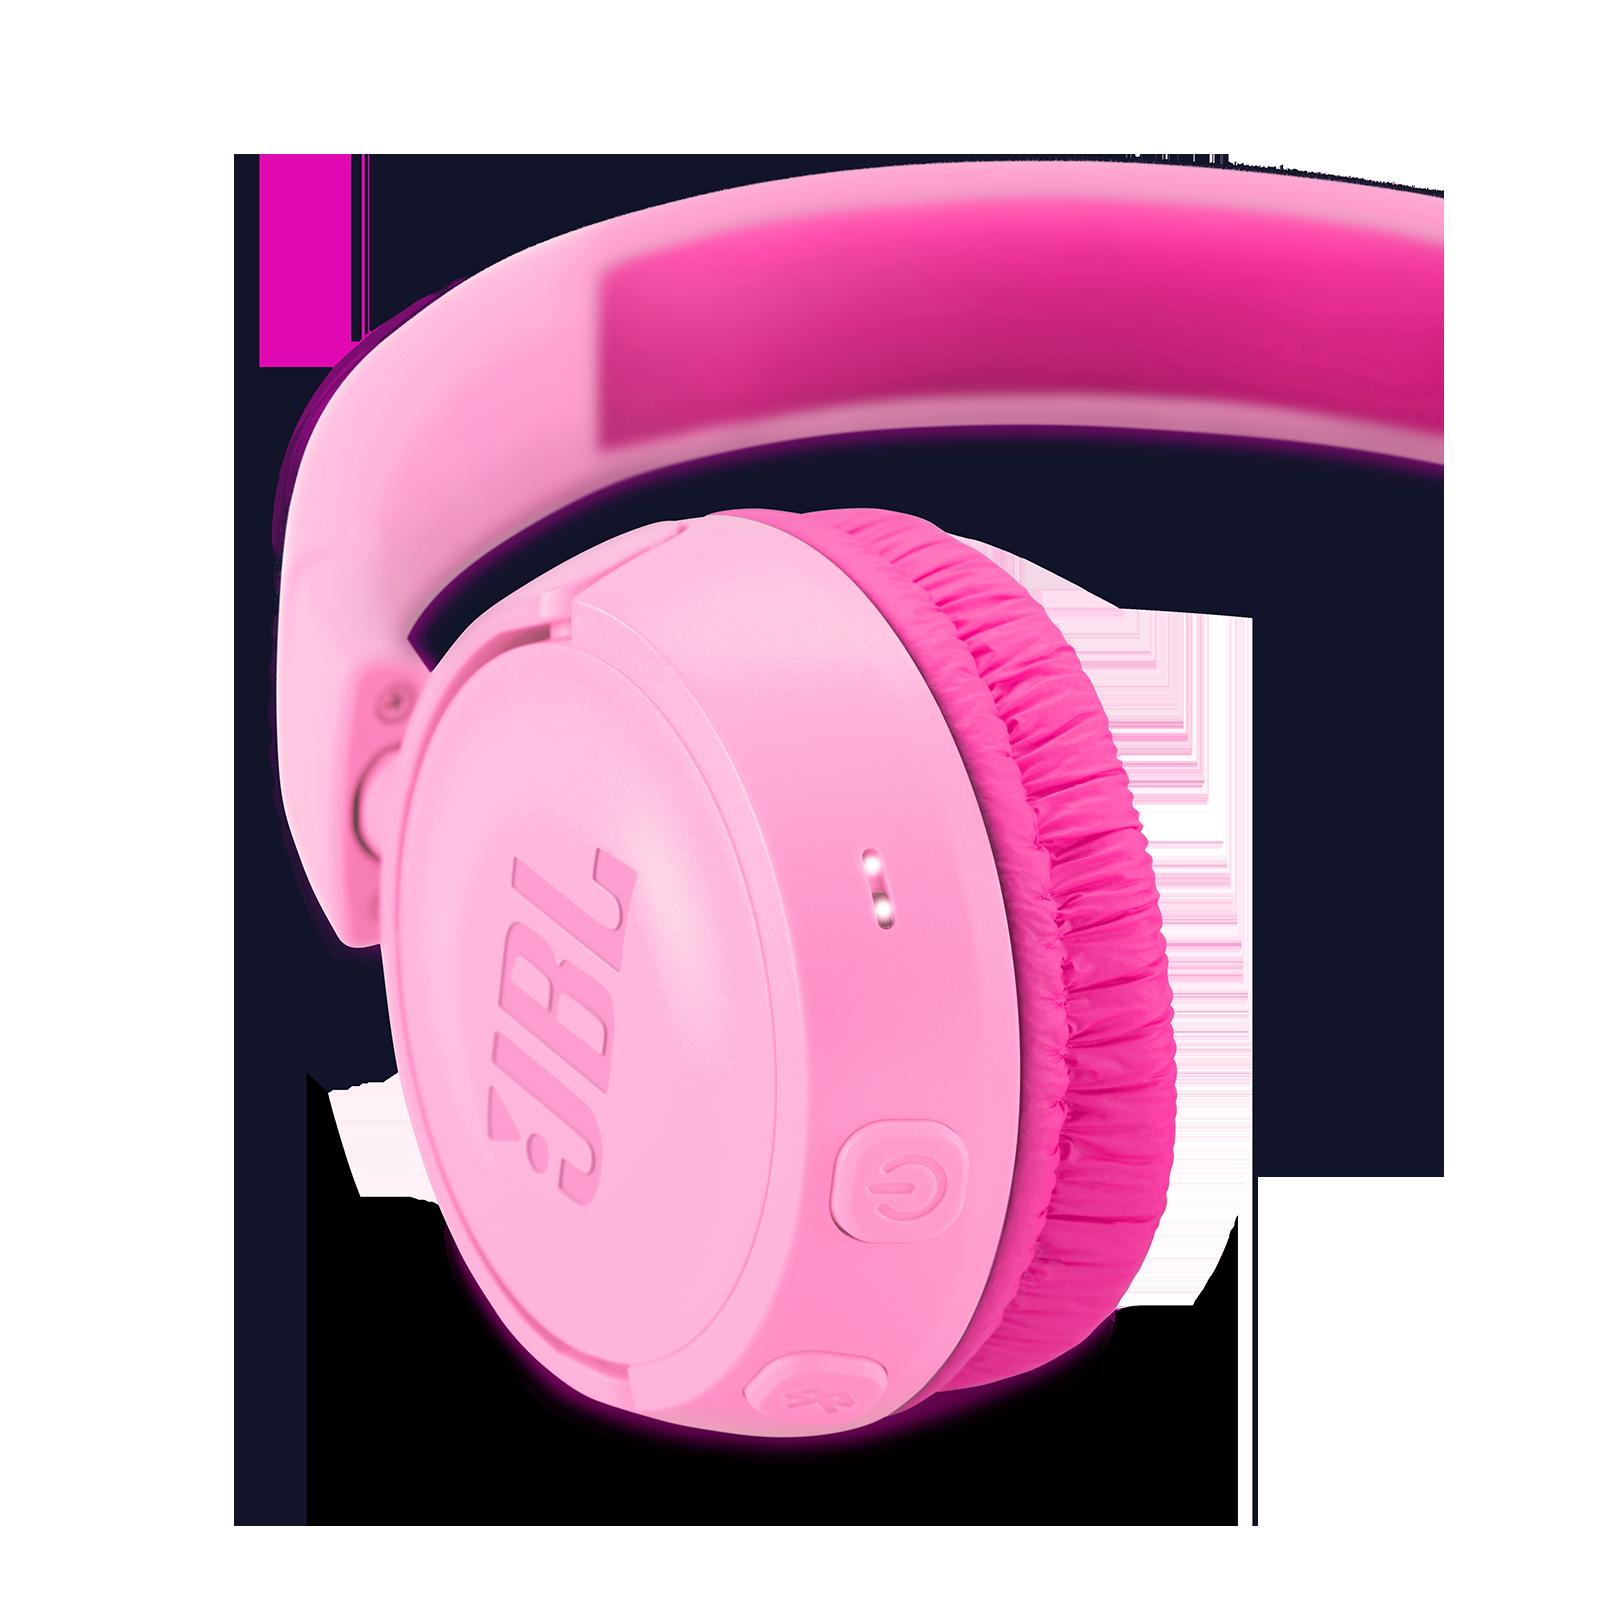 JBL JR300BT - Pink - Kids Wireless on-ear headphones - Detailshot 2